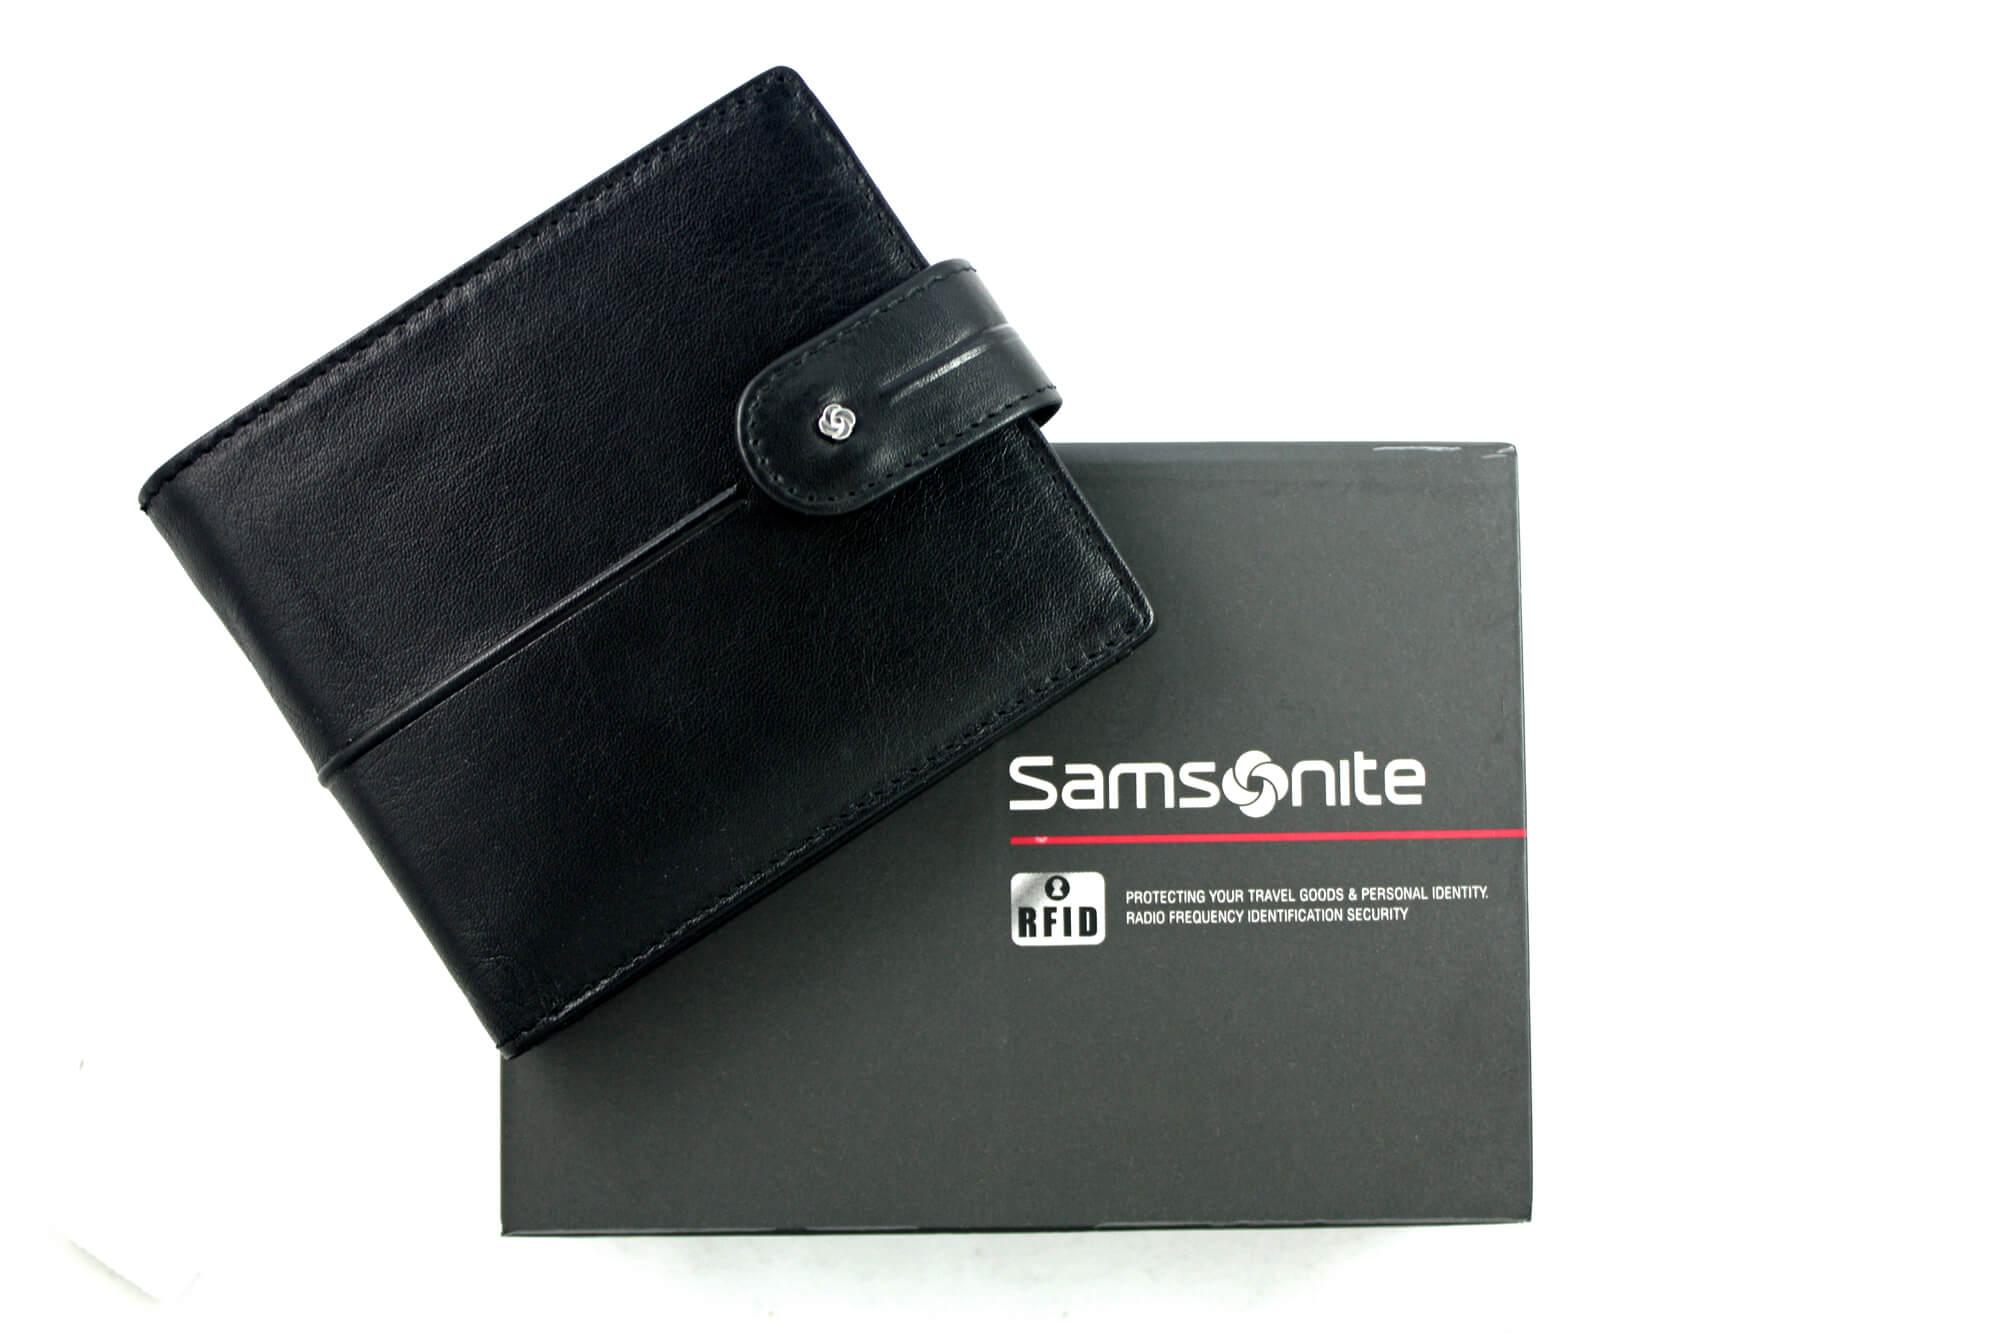 9cdc0546c5dfa Portfel męski Samsonite RFID, skórzany z klipsem w kolorze czarnym